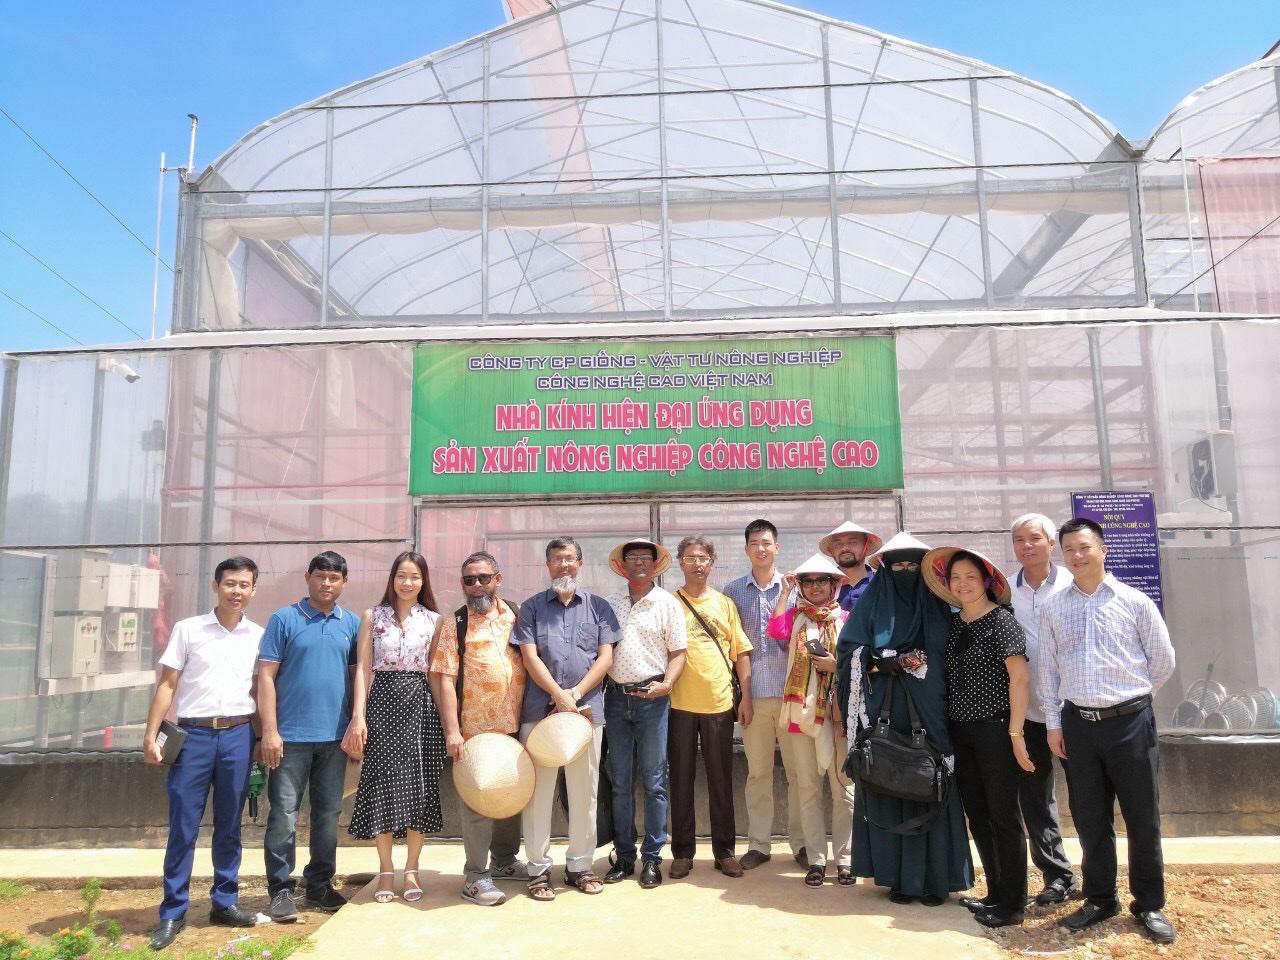 Bộ trưởng Bộ Nông nghiệp Bangladesh sang thăm làm việc với Nextfarm về việc đưa công nghệ IoT (Nextfarm NMC+Nextfarm Fertikit 4G) và nền tảng số hóa quy trình sản xuất trong Nông nghiệp Nextfarm NMP sang Bangladesh